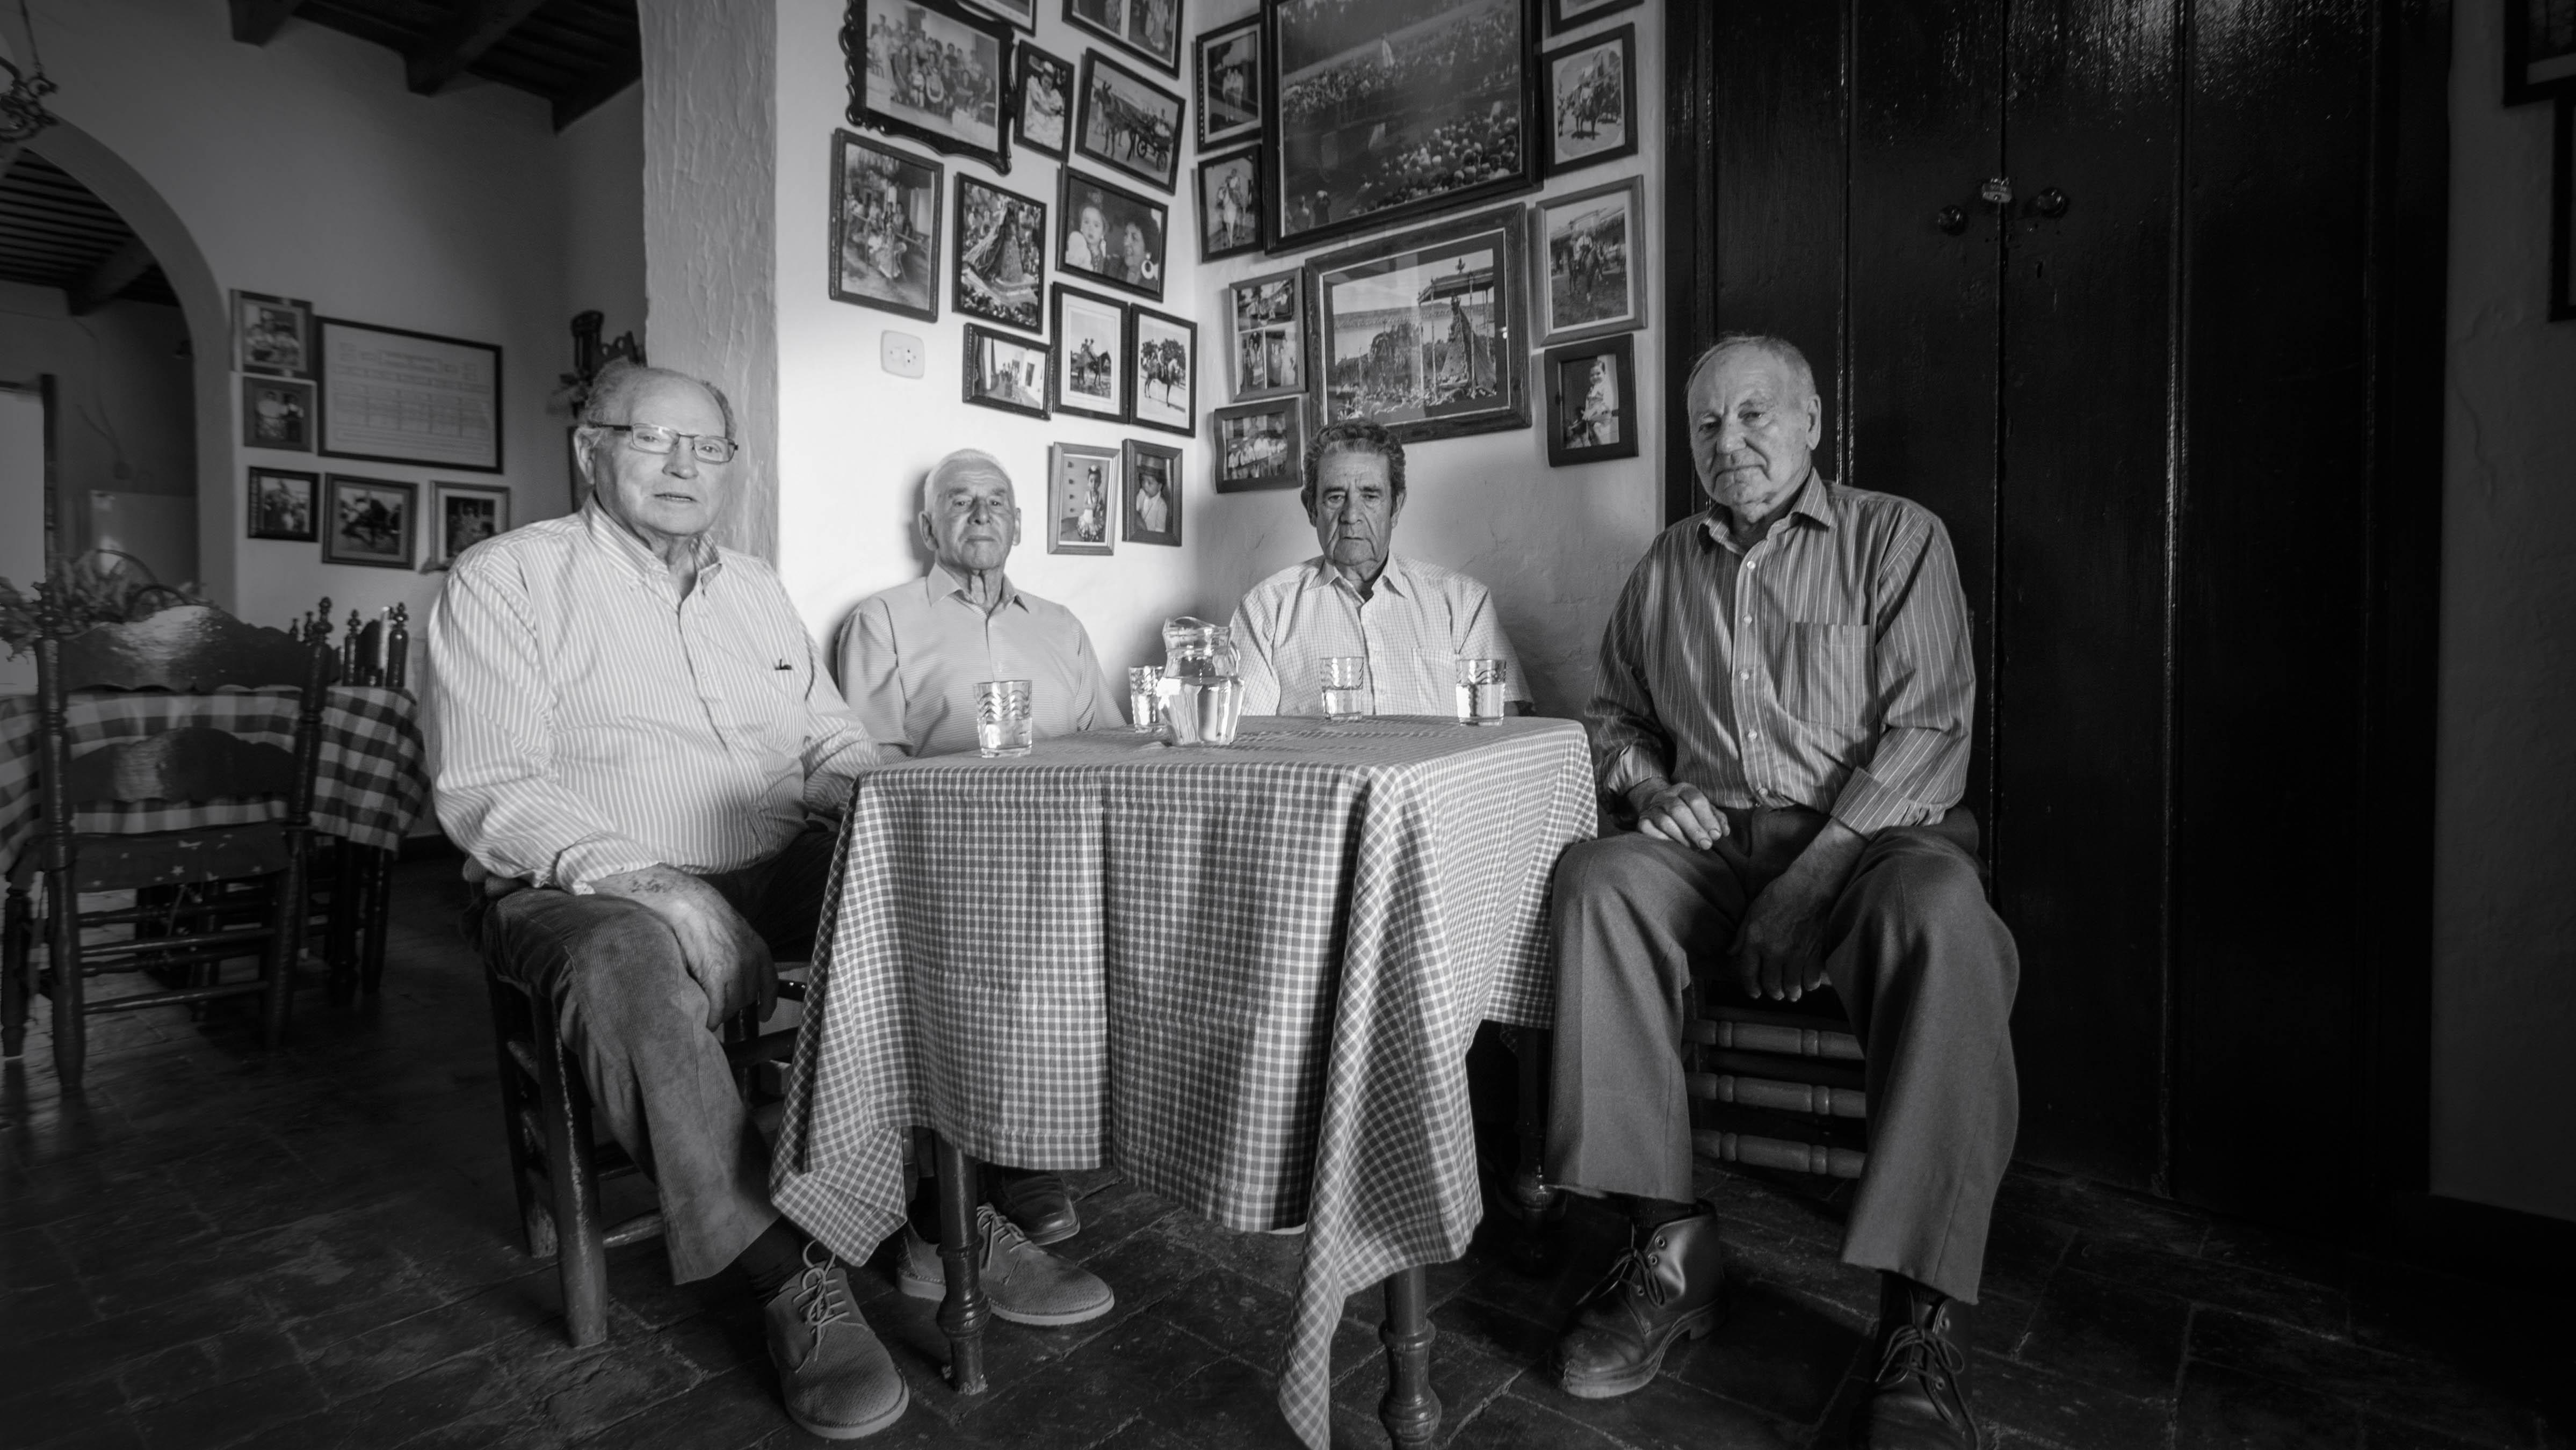 De izquierda a derecha, Rafael Contreras, Antonio Pérez, Antonio Díaz y Antonio Barragán